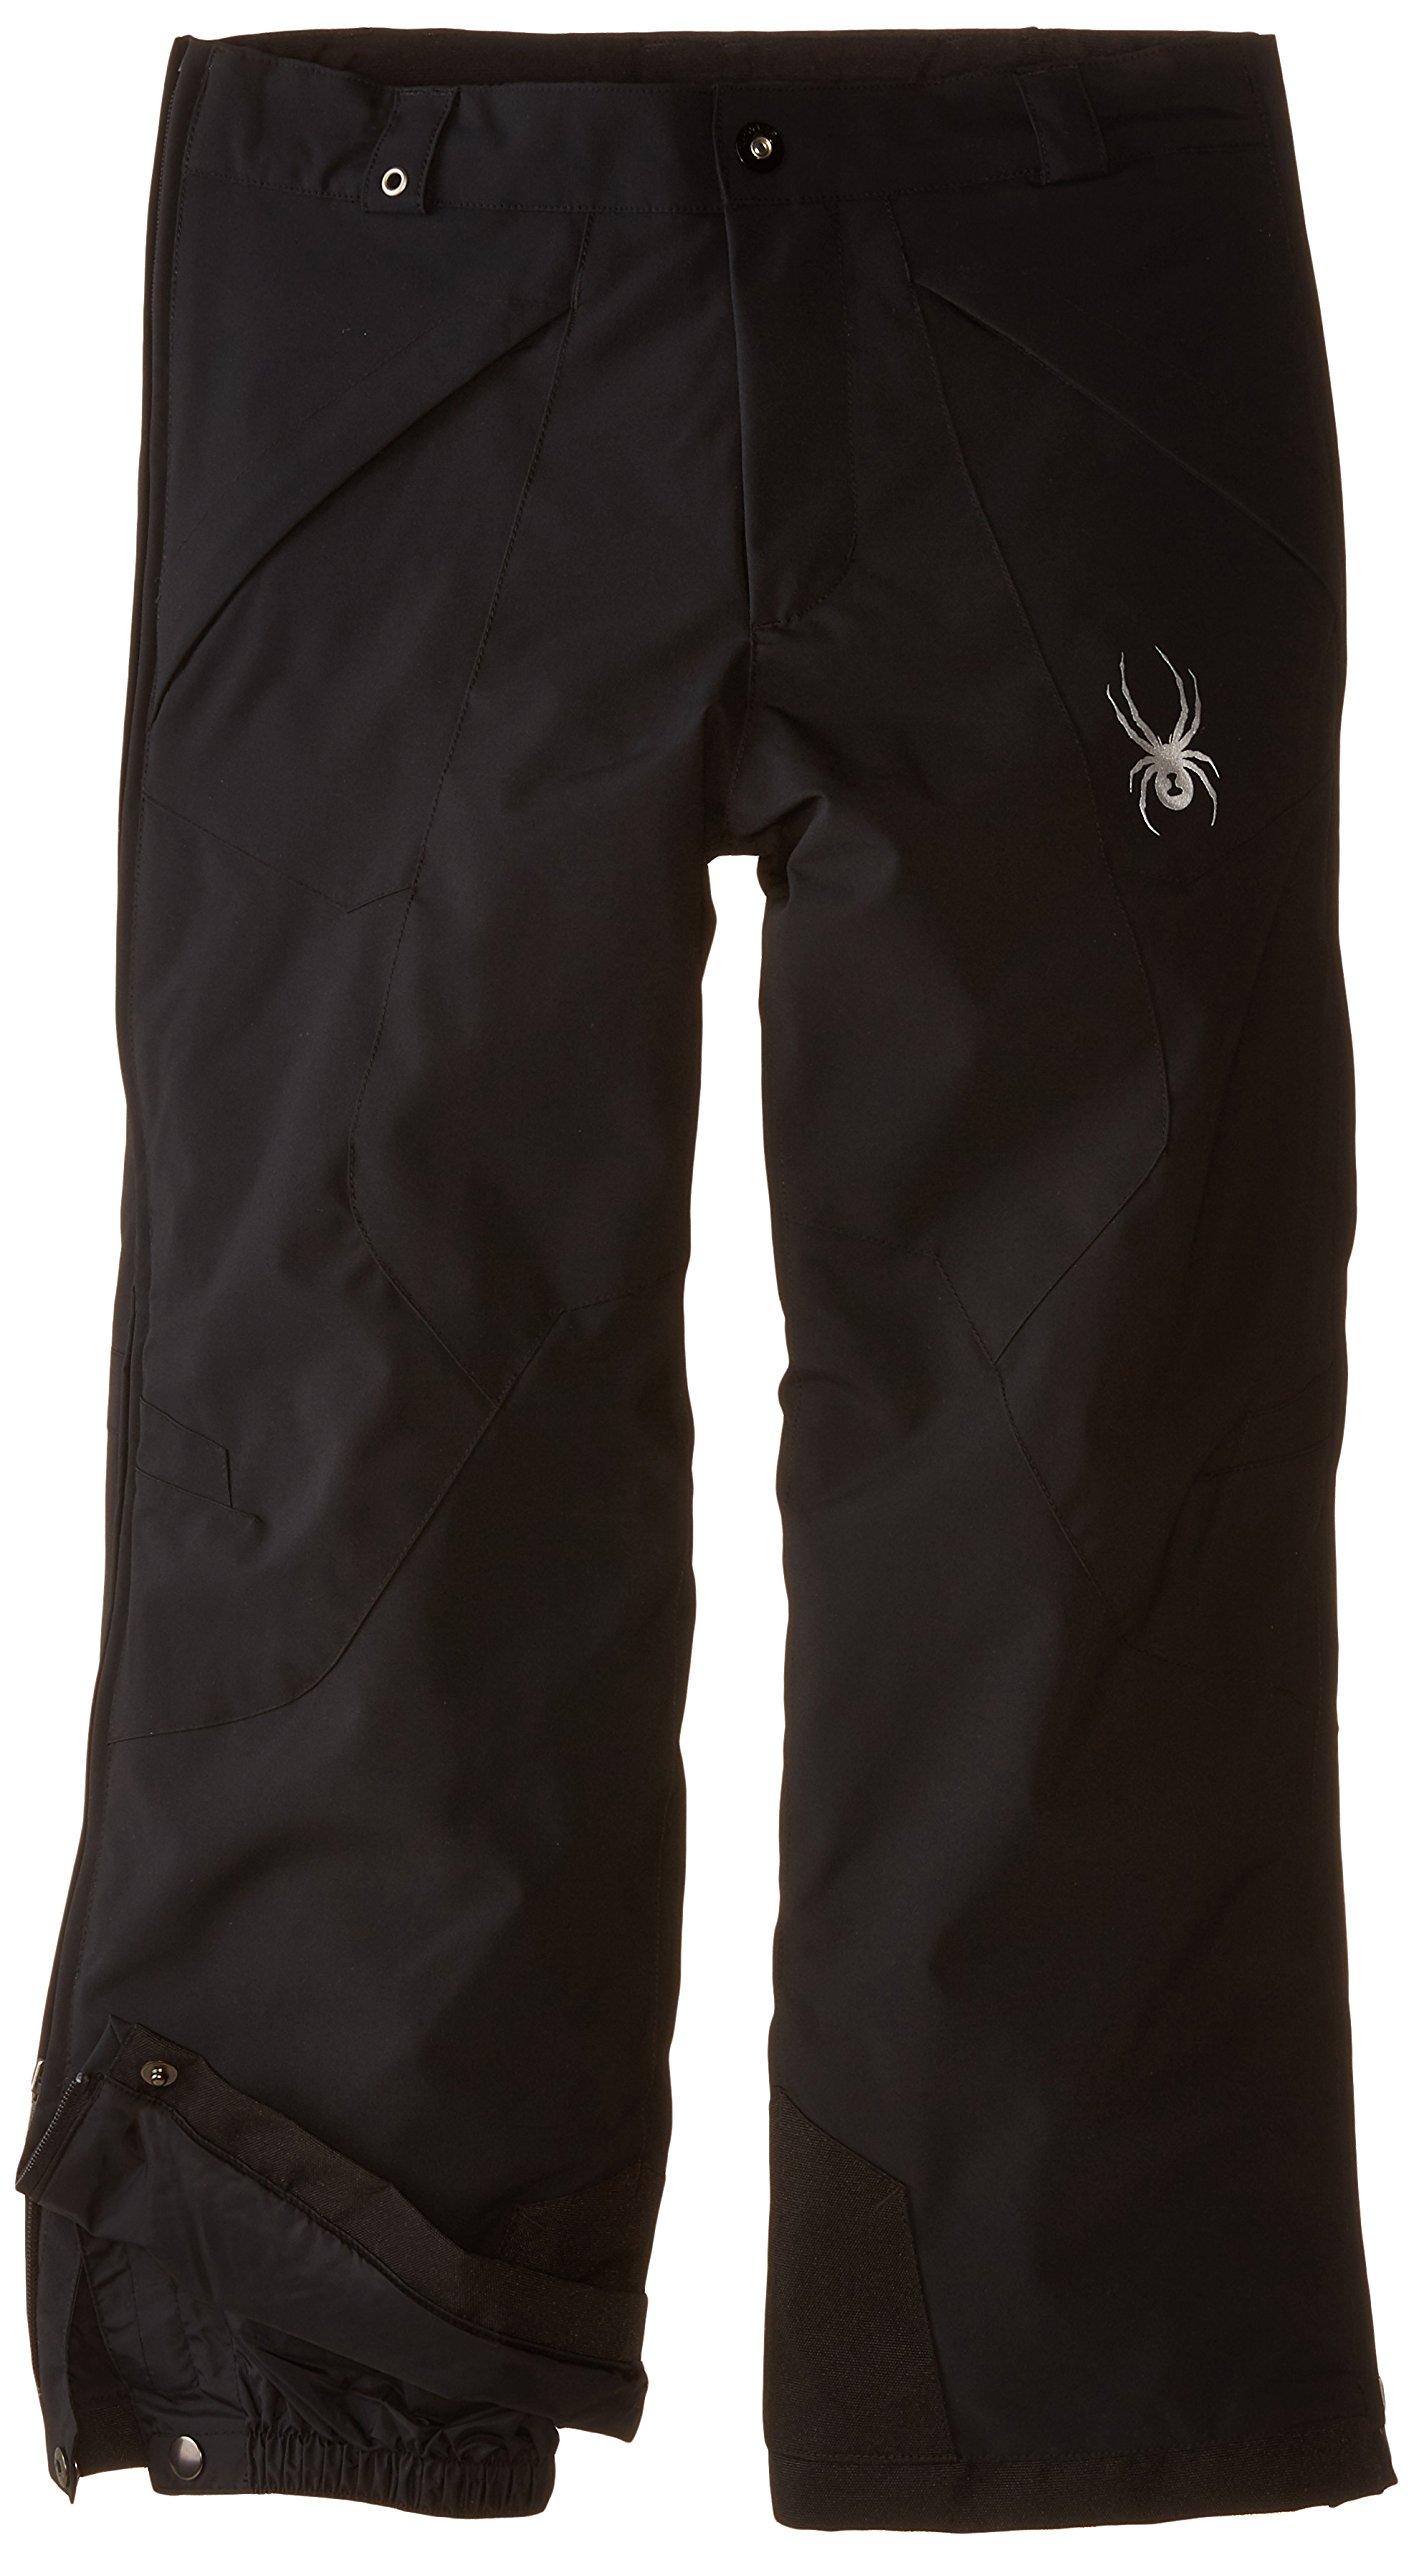 Spyder Boys Force Plus Pant, 12, Black by Spyder (Image #3)